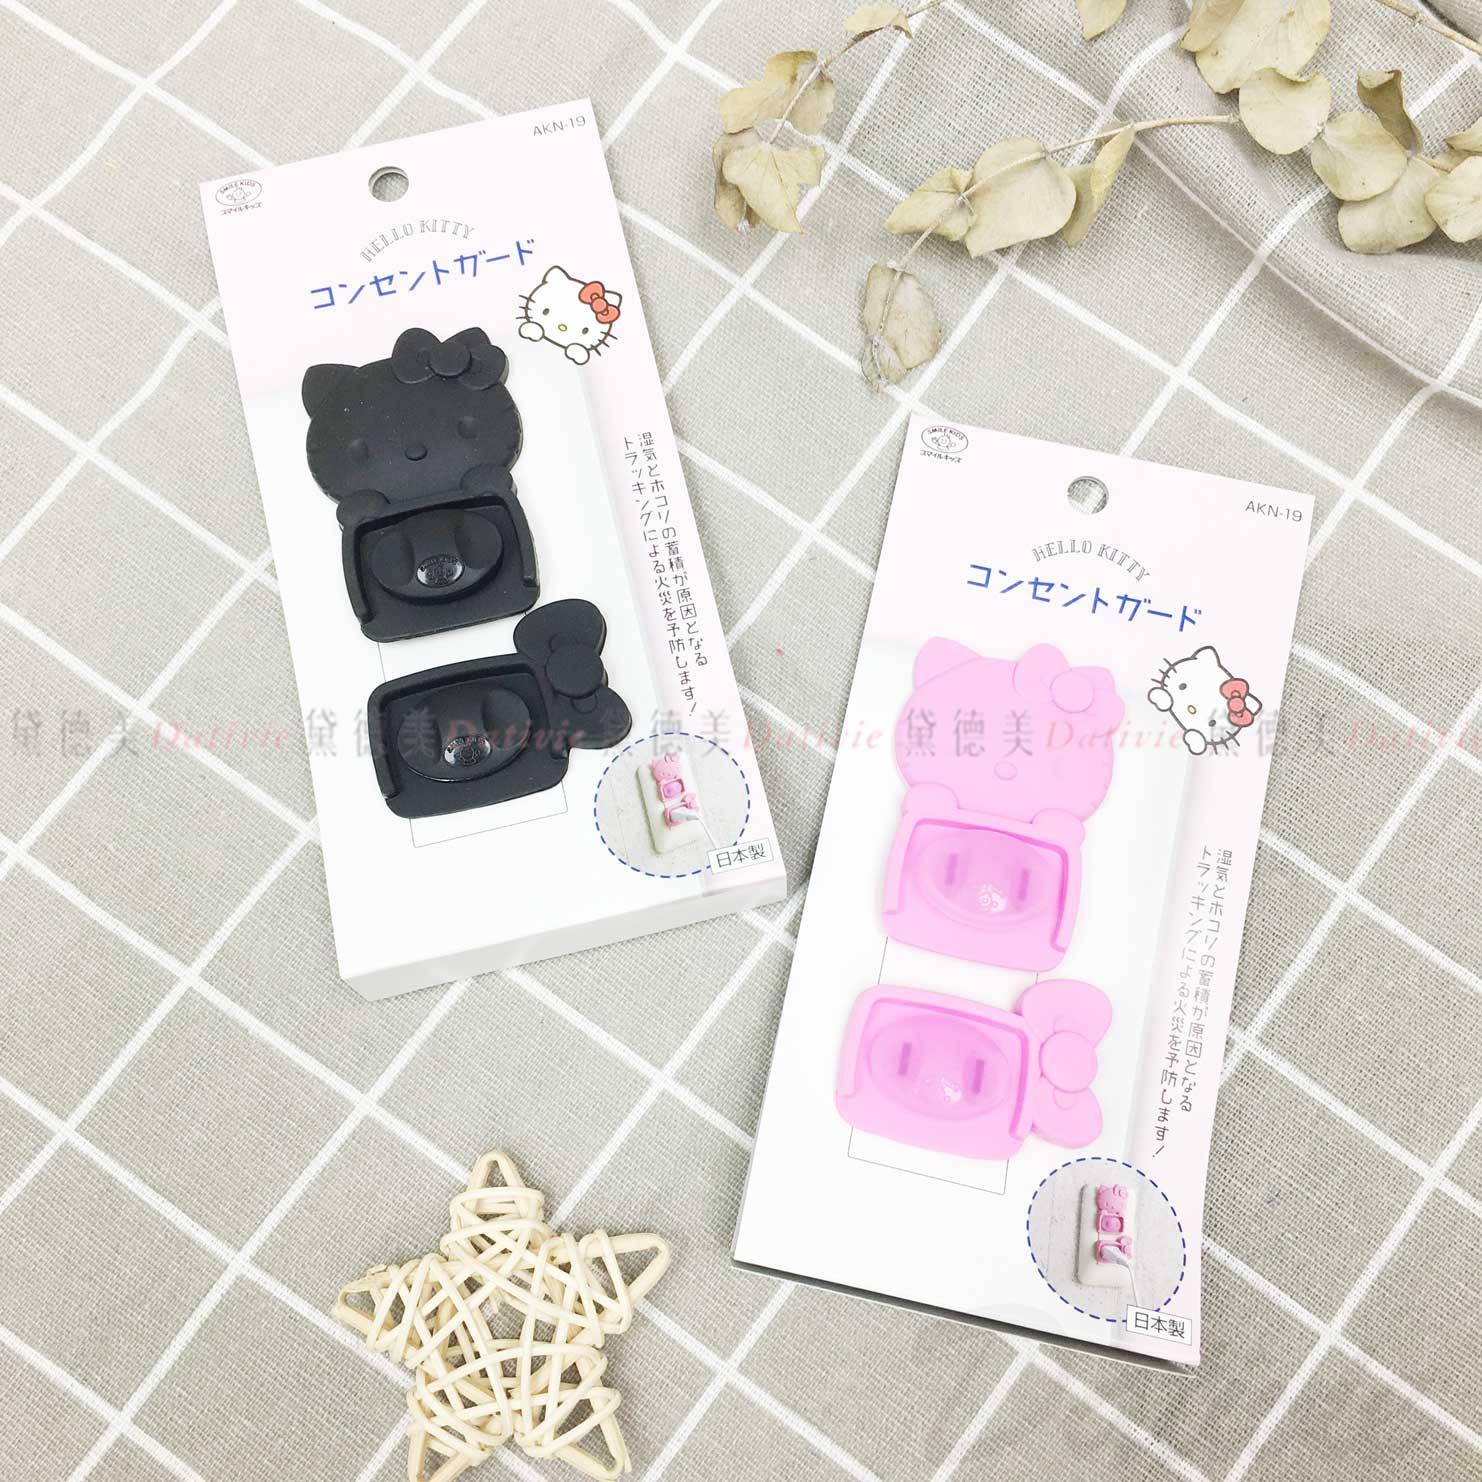 KITTY防兒童觸電插座安全套 二入組 日本正版授權